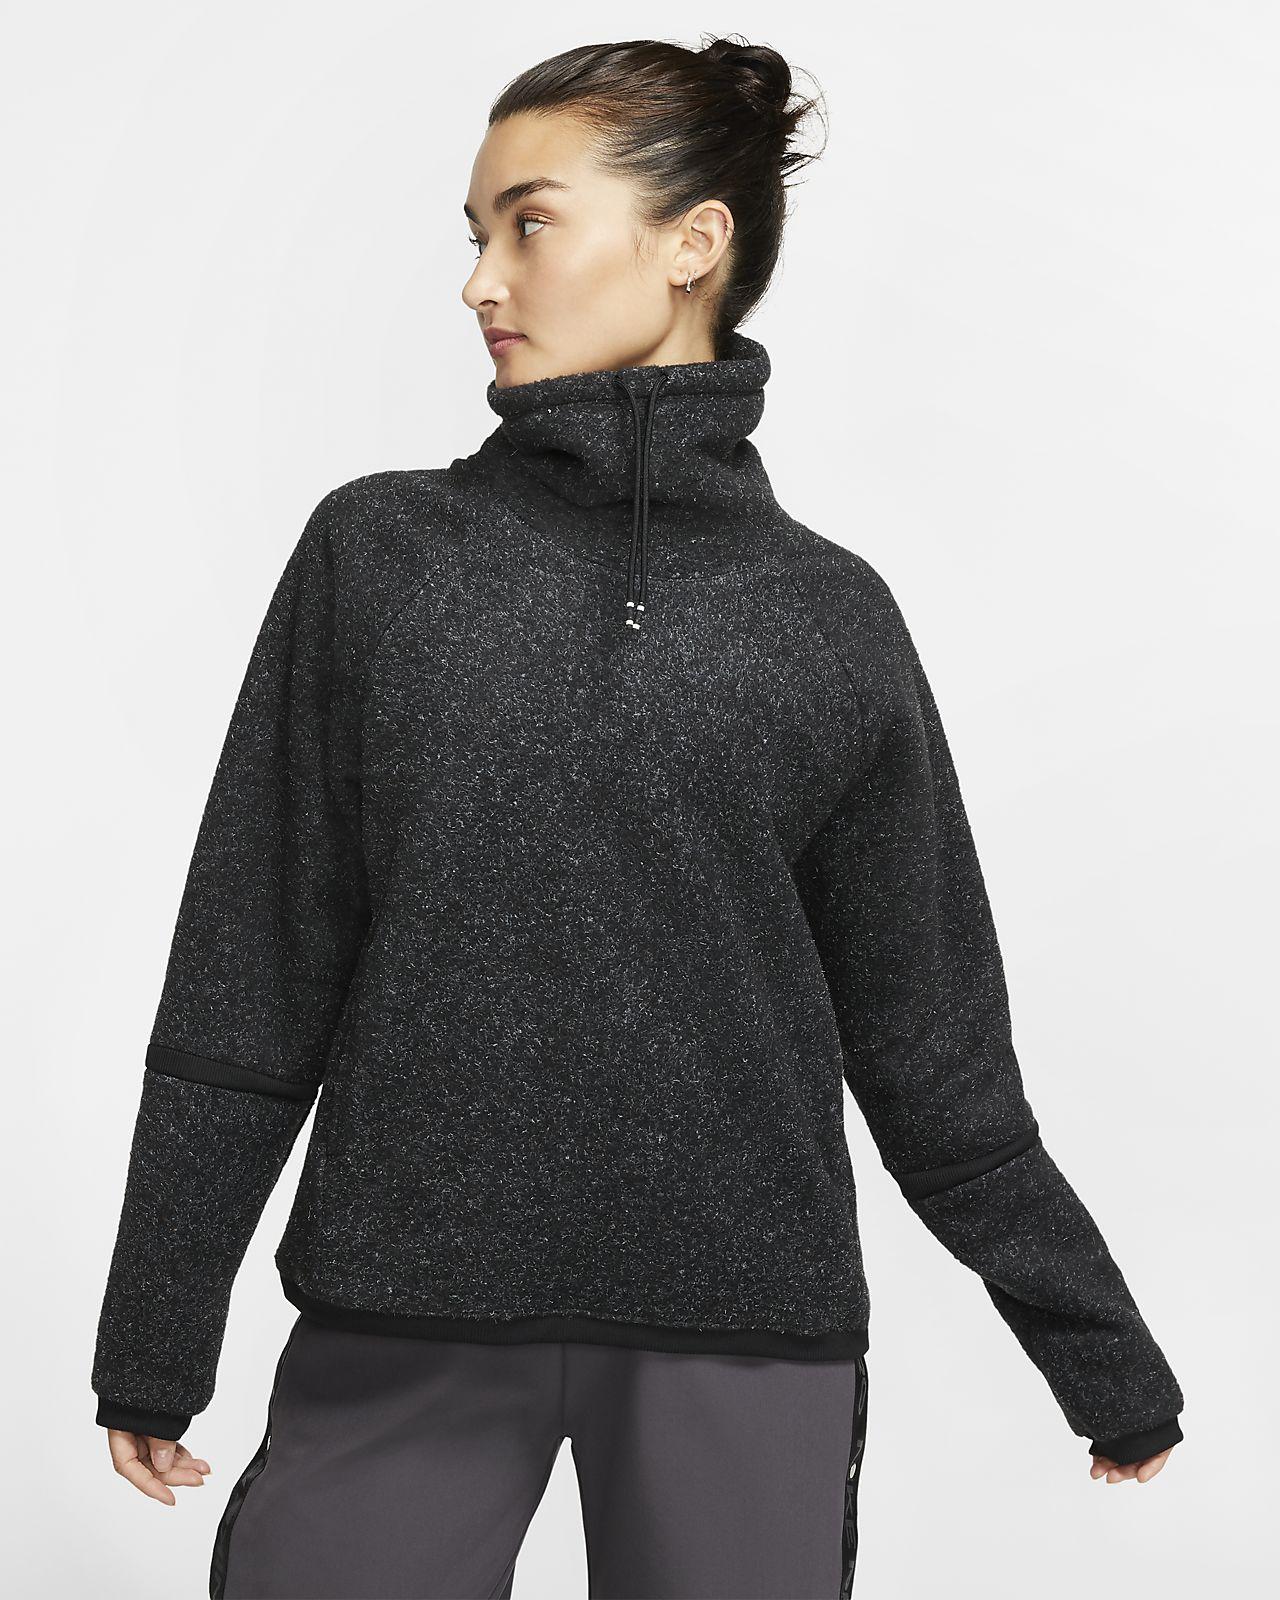 Nike Therma langermet treningsoverdel i fleece til dame